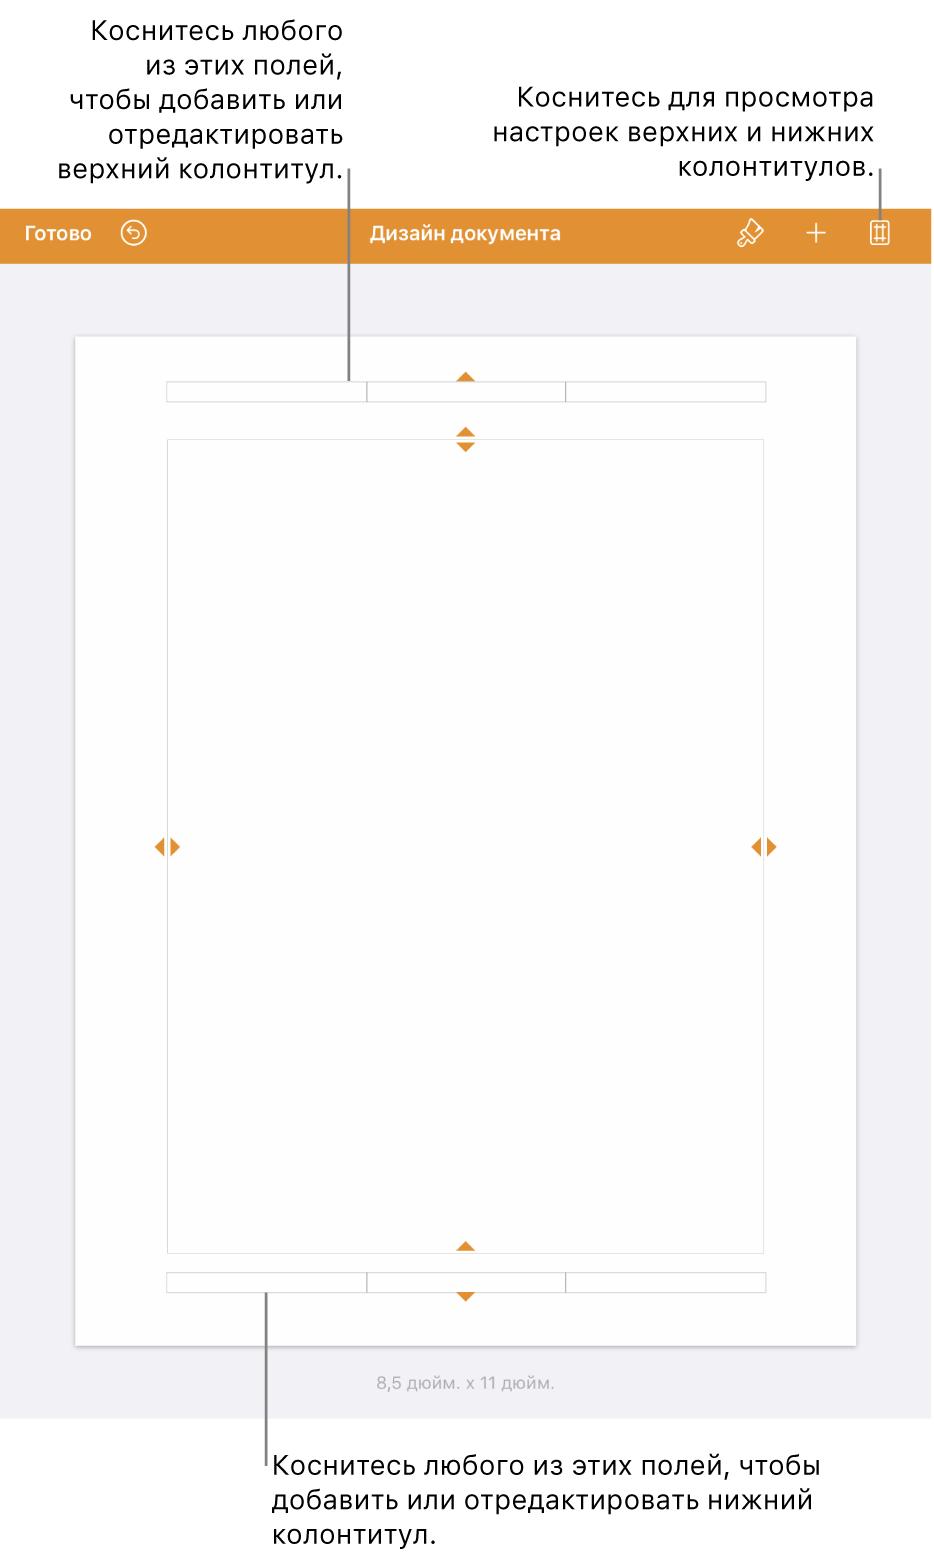 Режим просмотра «Дизайн документа» с тремя полями в верхней и нижней части документа.